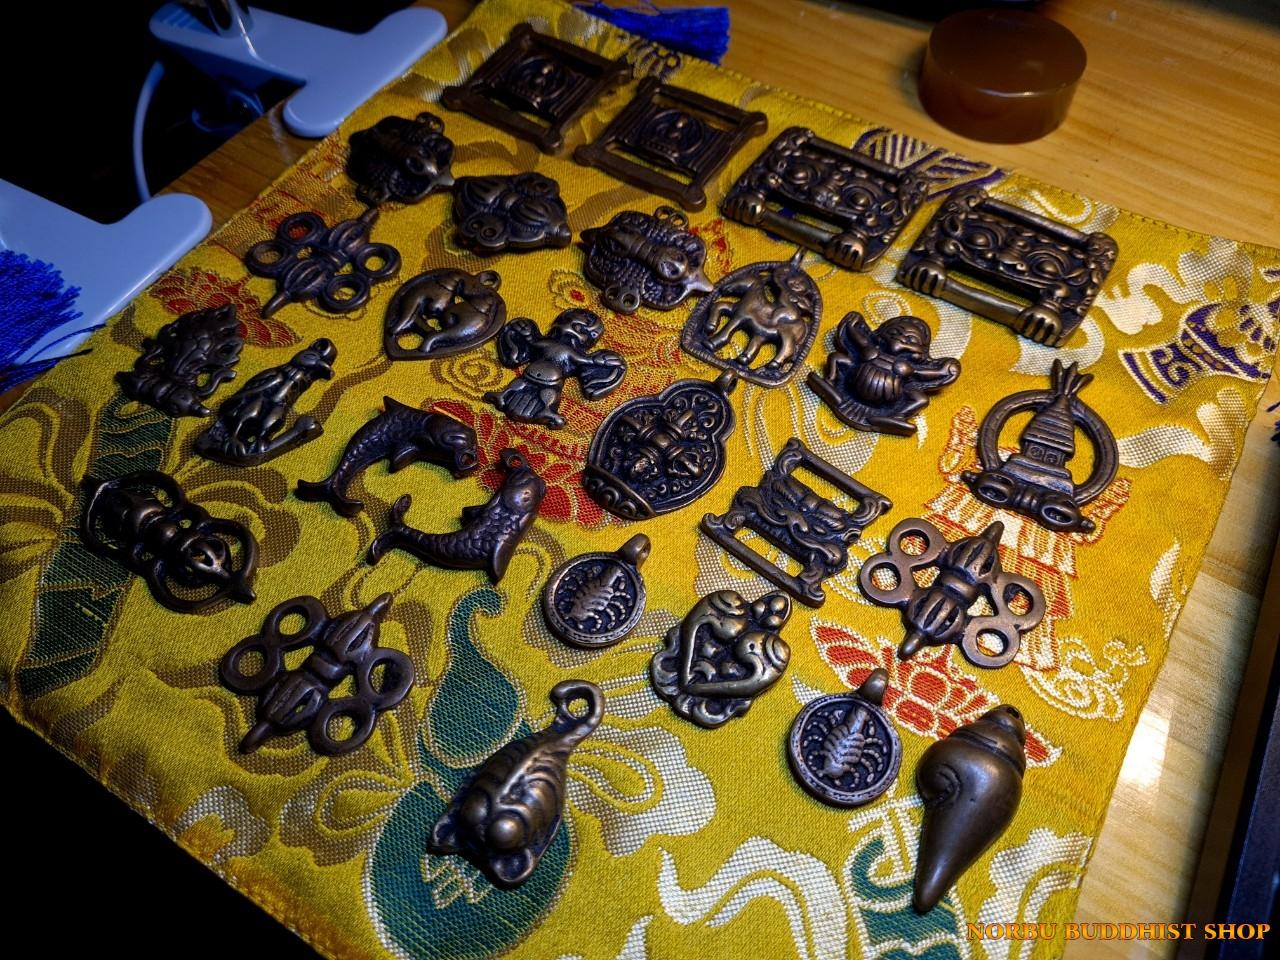 Old thokcha Tibet - thongcha bùa hộ mệnh người Tạng bằng Đồng cổ đẹp và lâu đời 2